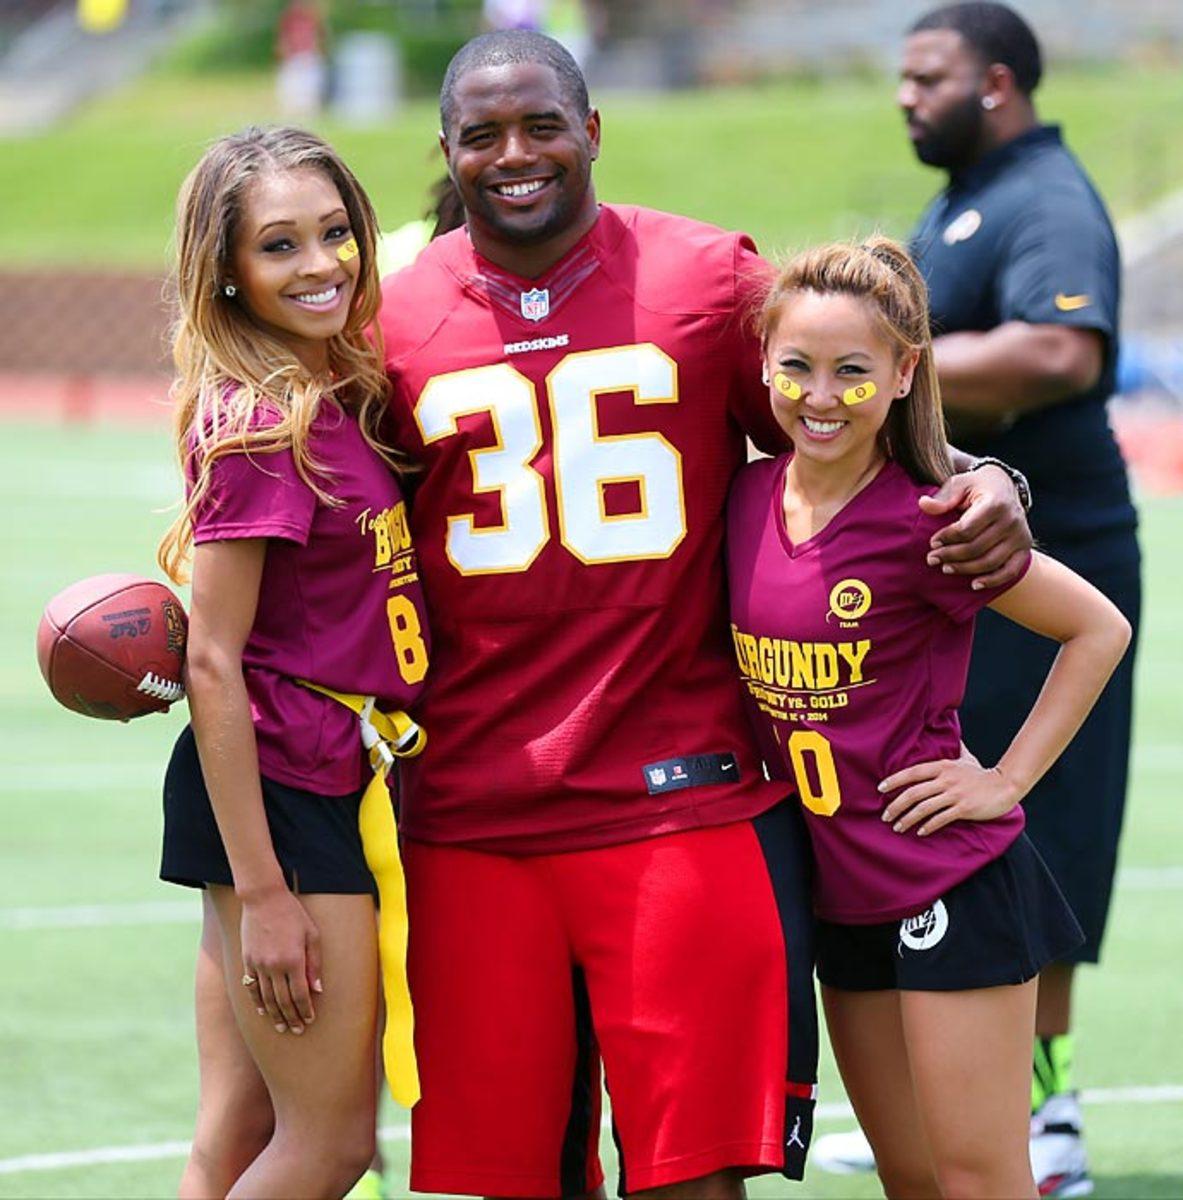 Washington-Redskins-cheerleaders-BEA_3129A.jpg